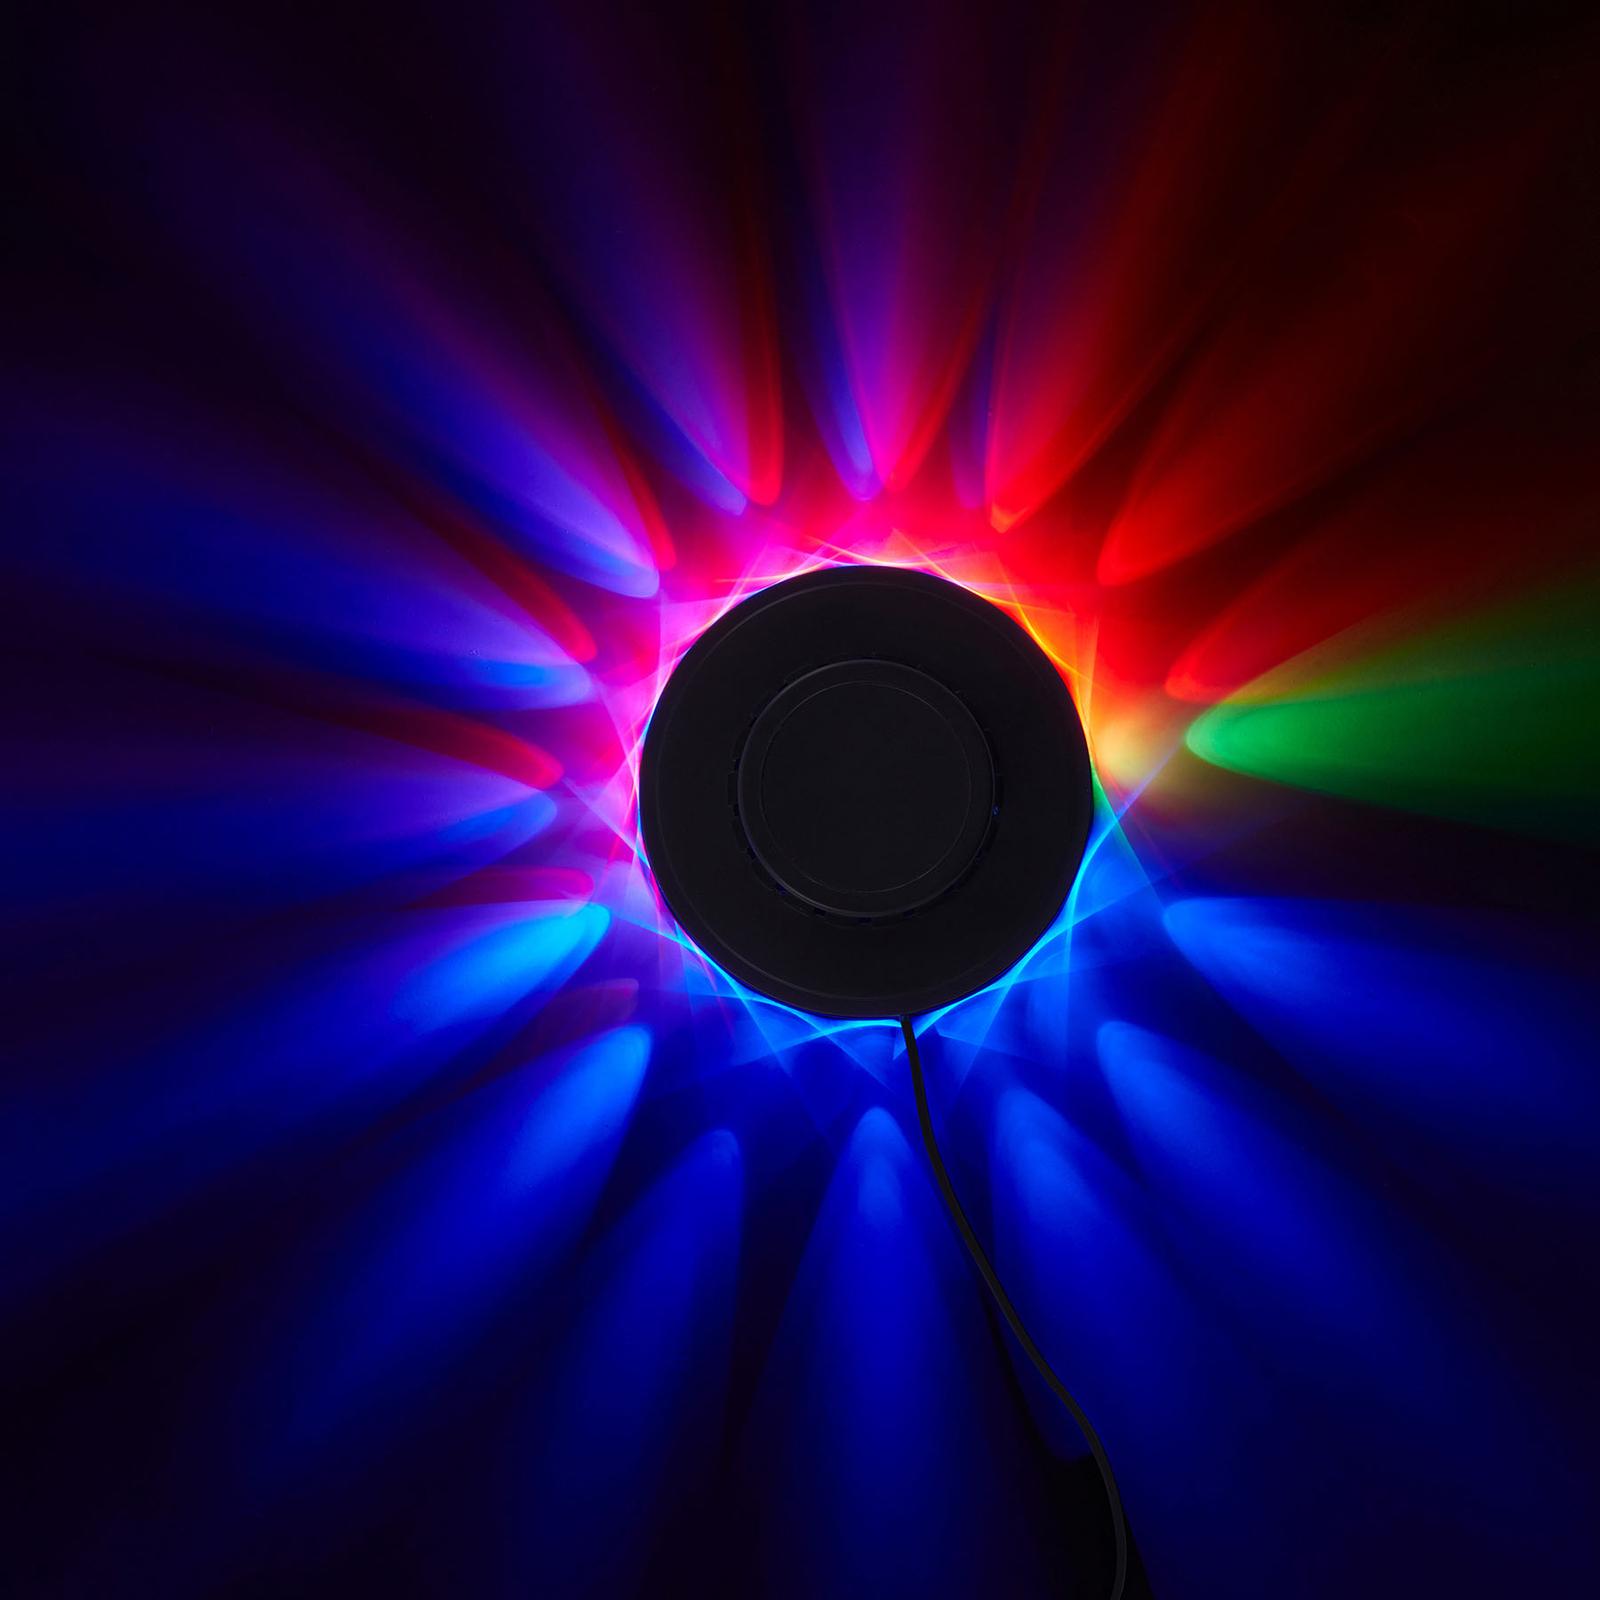 RGB-LED-Lichtrad - Dekoleuchte mit Musiksensor